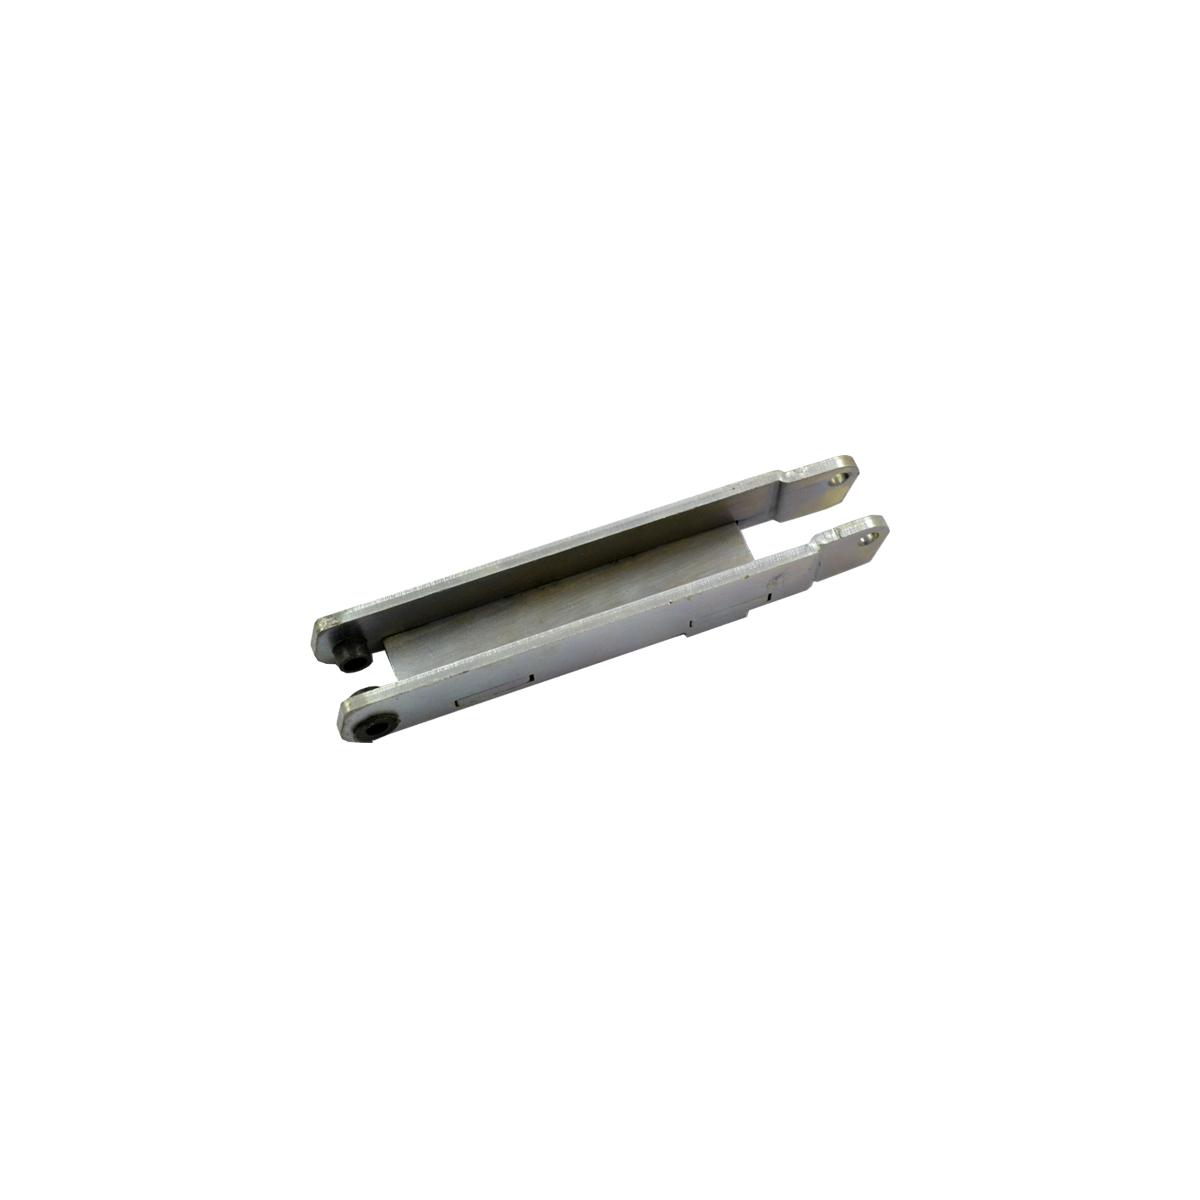 049-007-081HD Heavy Duty Upright Bracket Assembly